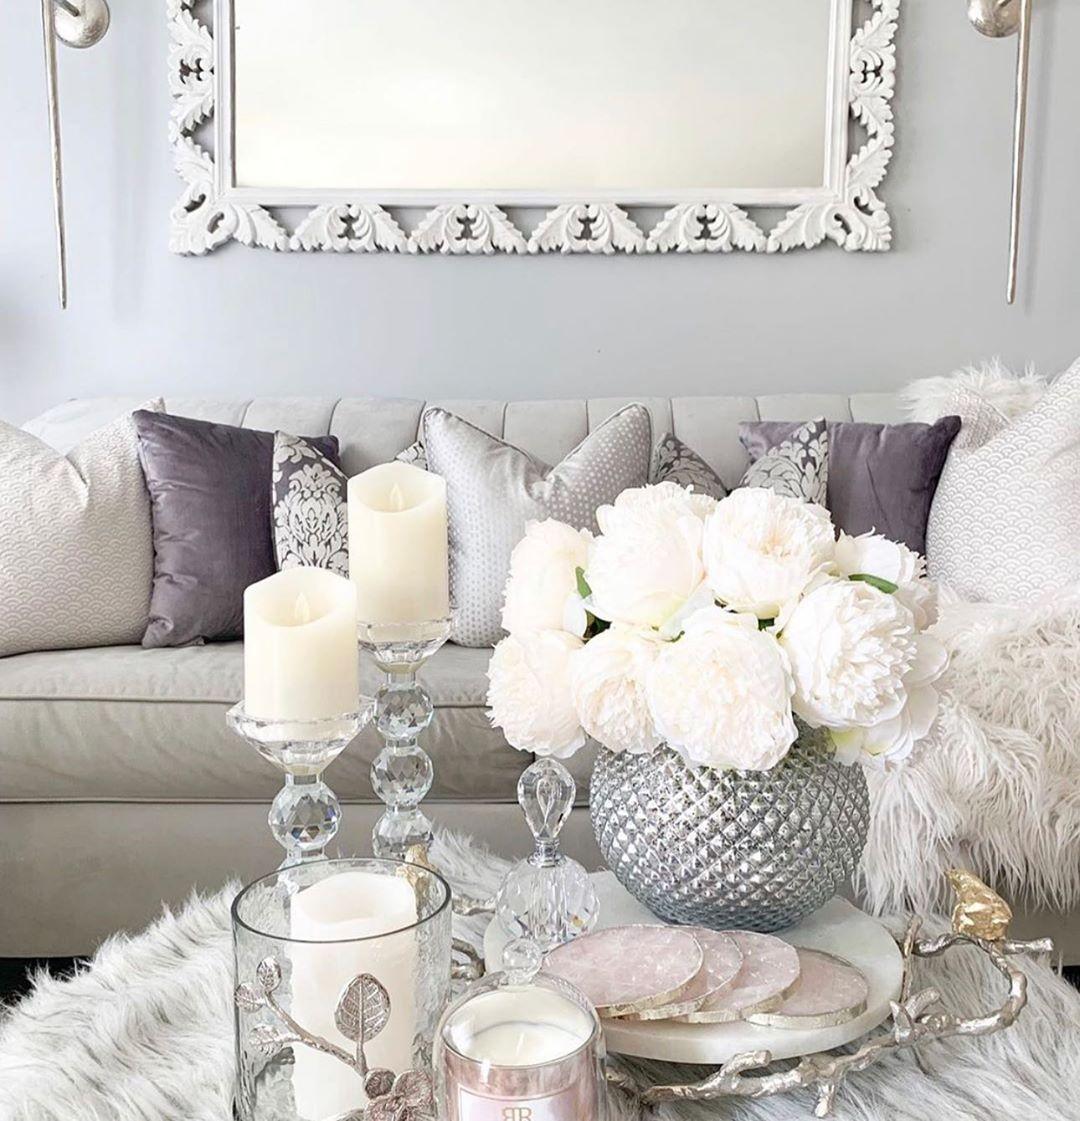 Best Furniture Shop In Rewa  Decor, Home decor furniture, Home